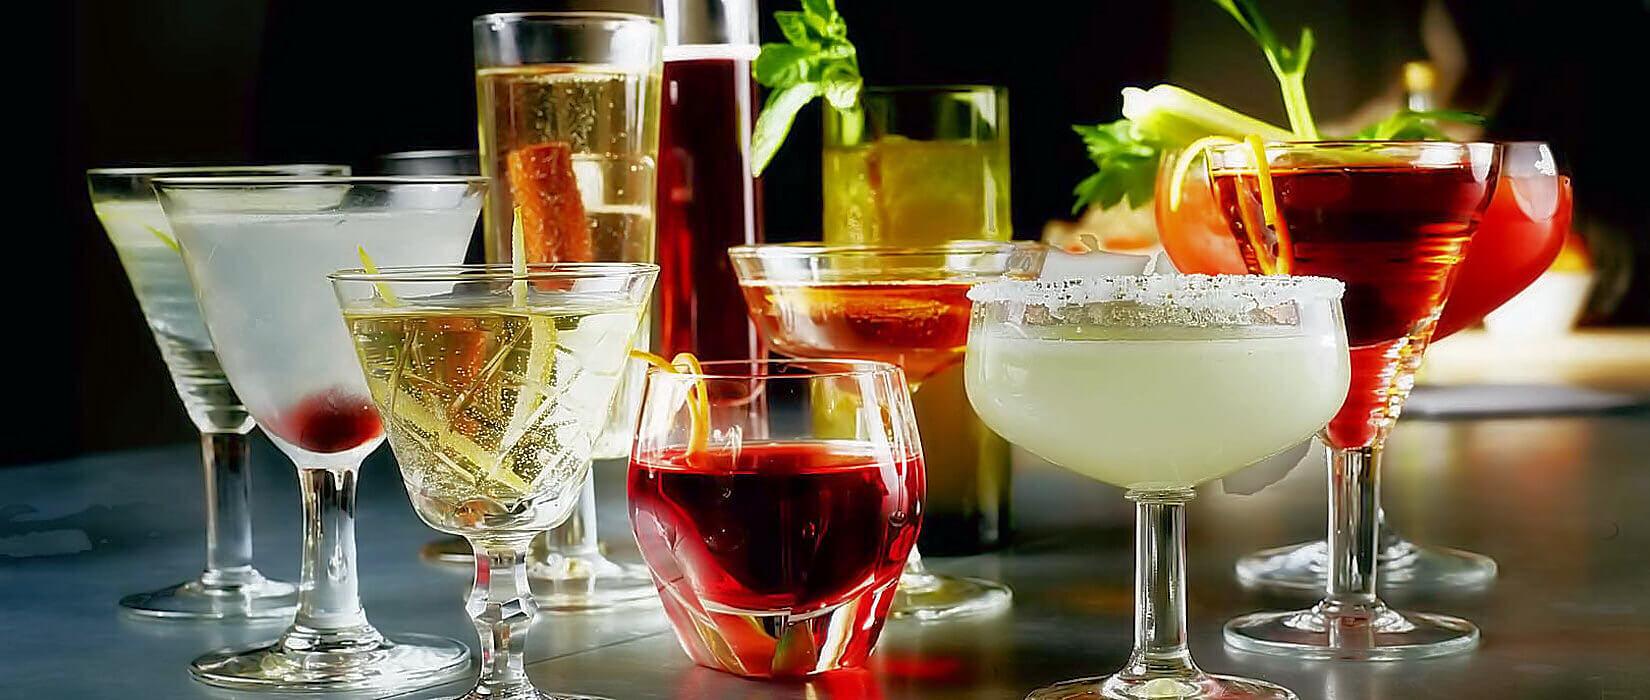 Drinking milan